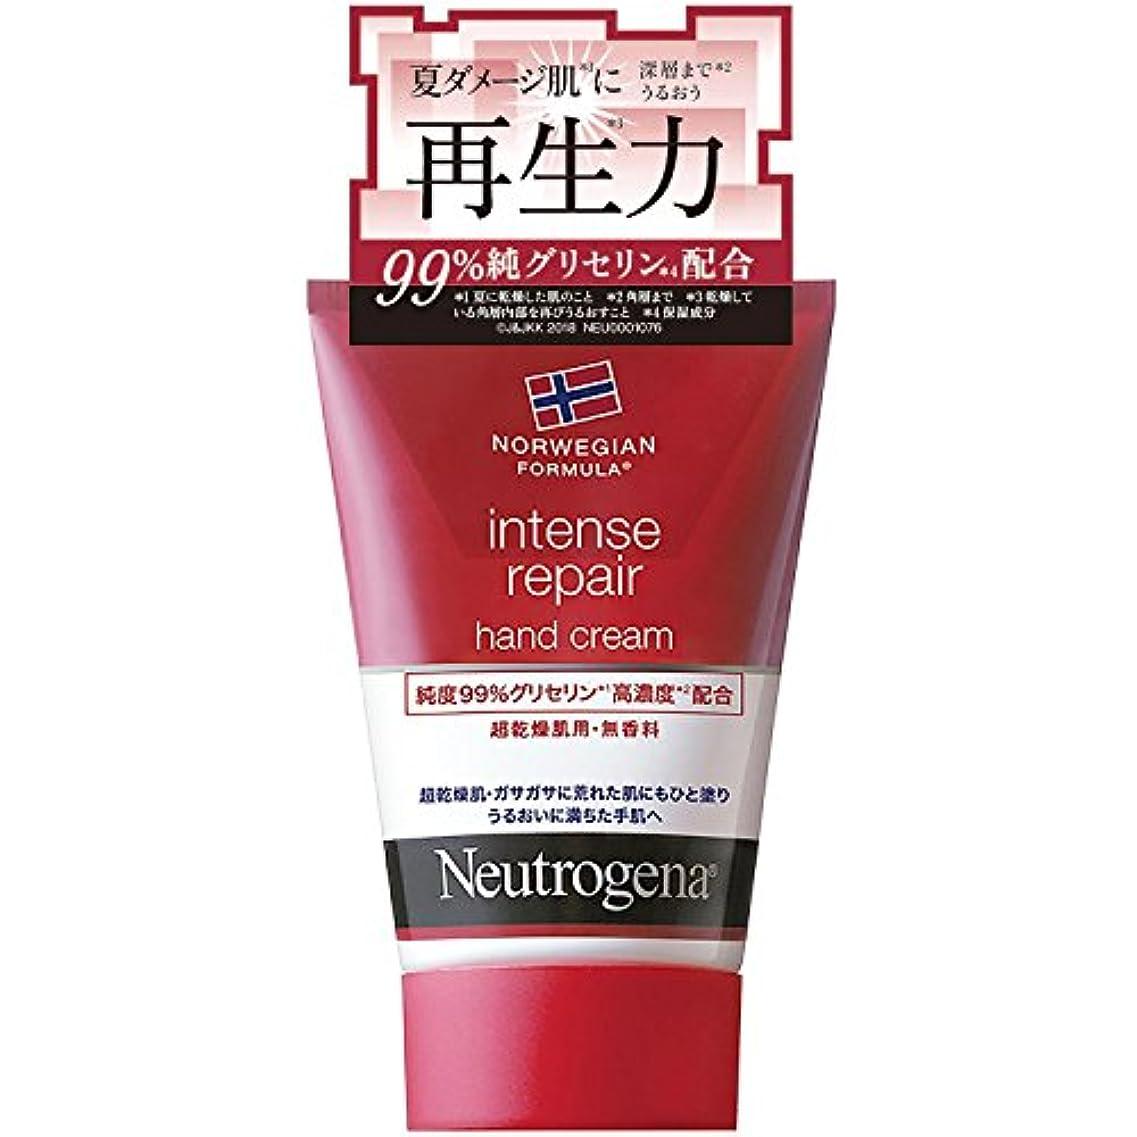 明確なレイ鋸歯状Neutrogena(ニュートロジーナ) ノルウェーフォーミュラ インテンスリペア ハンドクリーム 超乾燥肌用 無香料 単品 50g